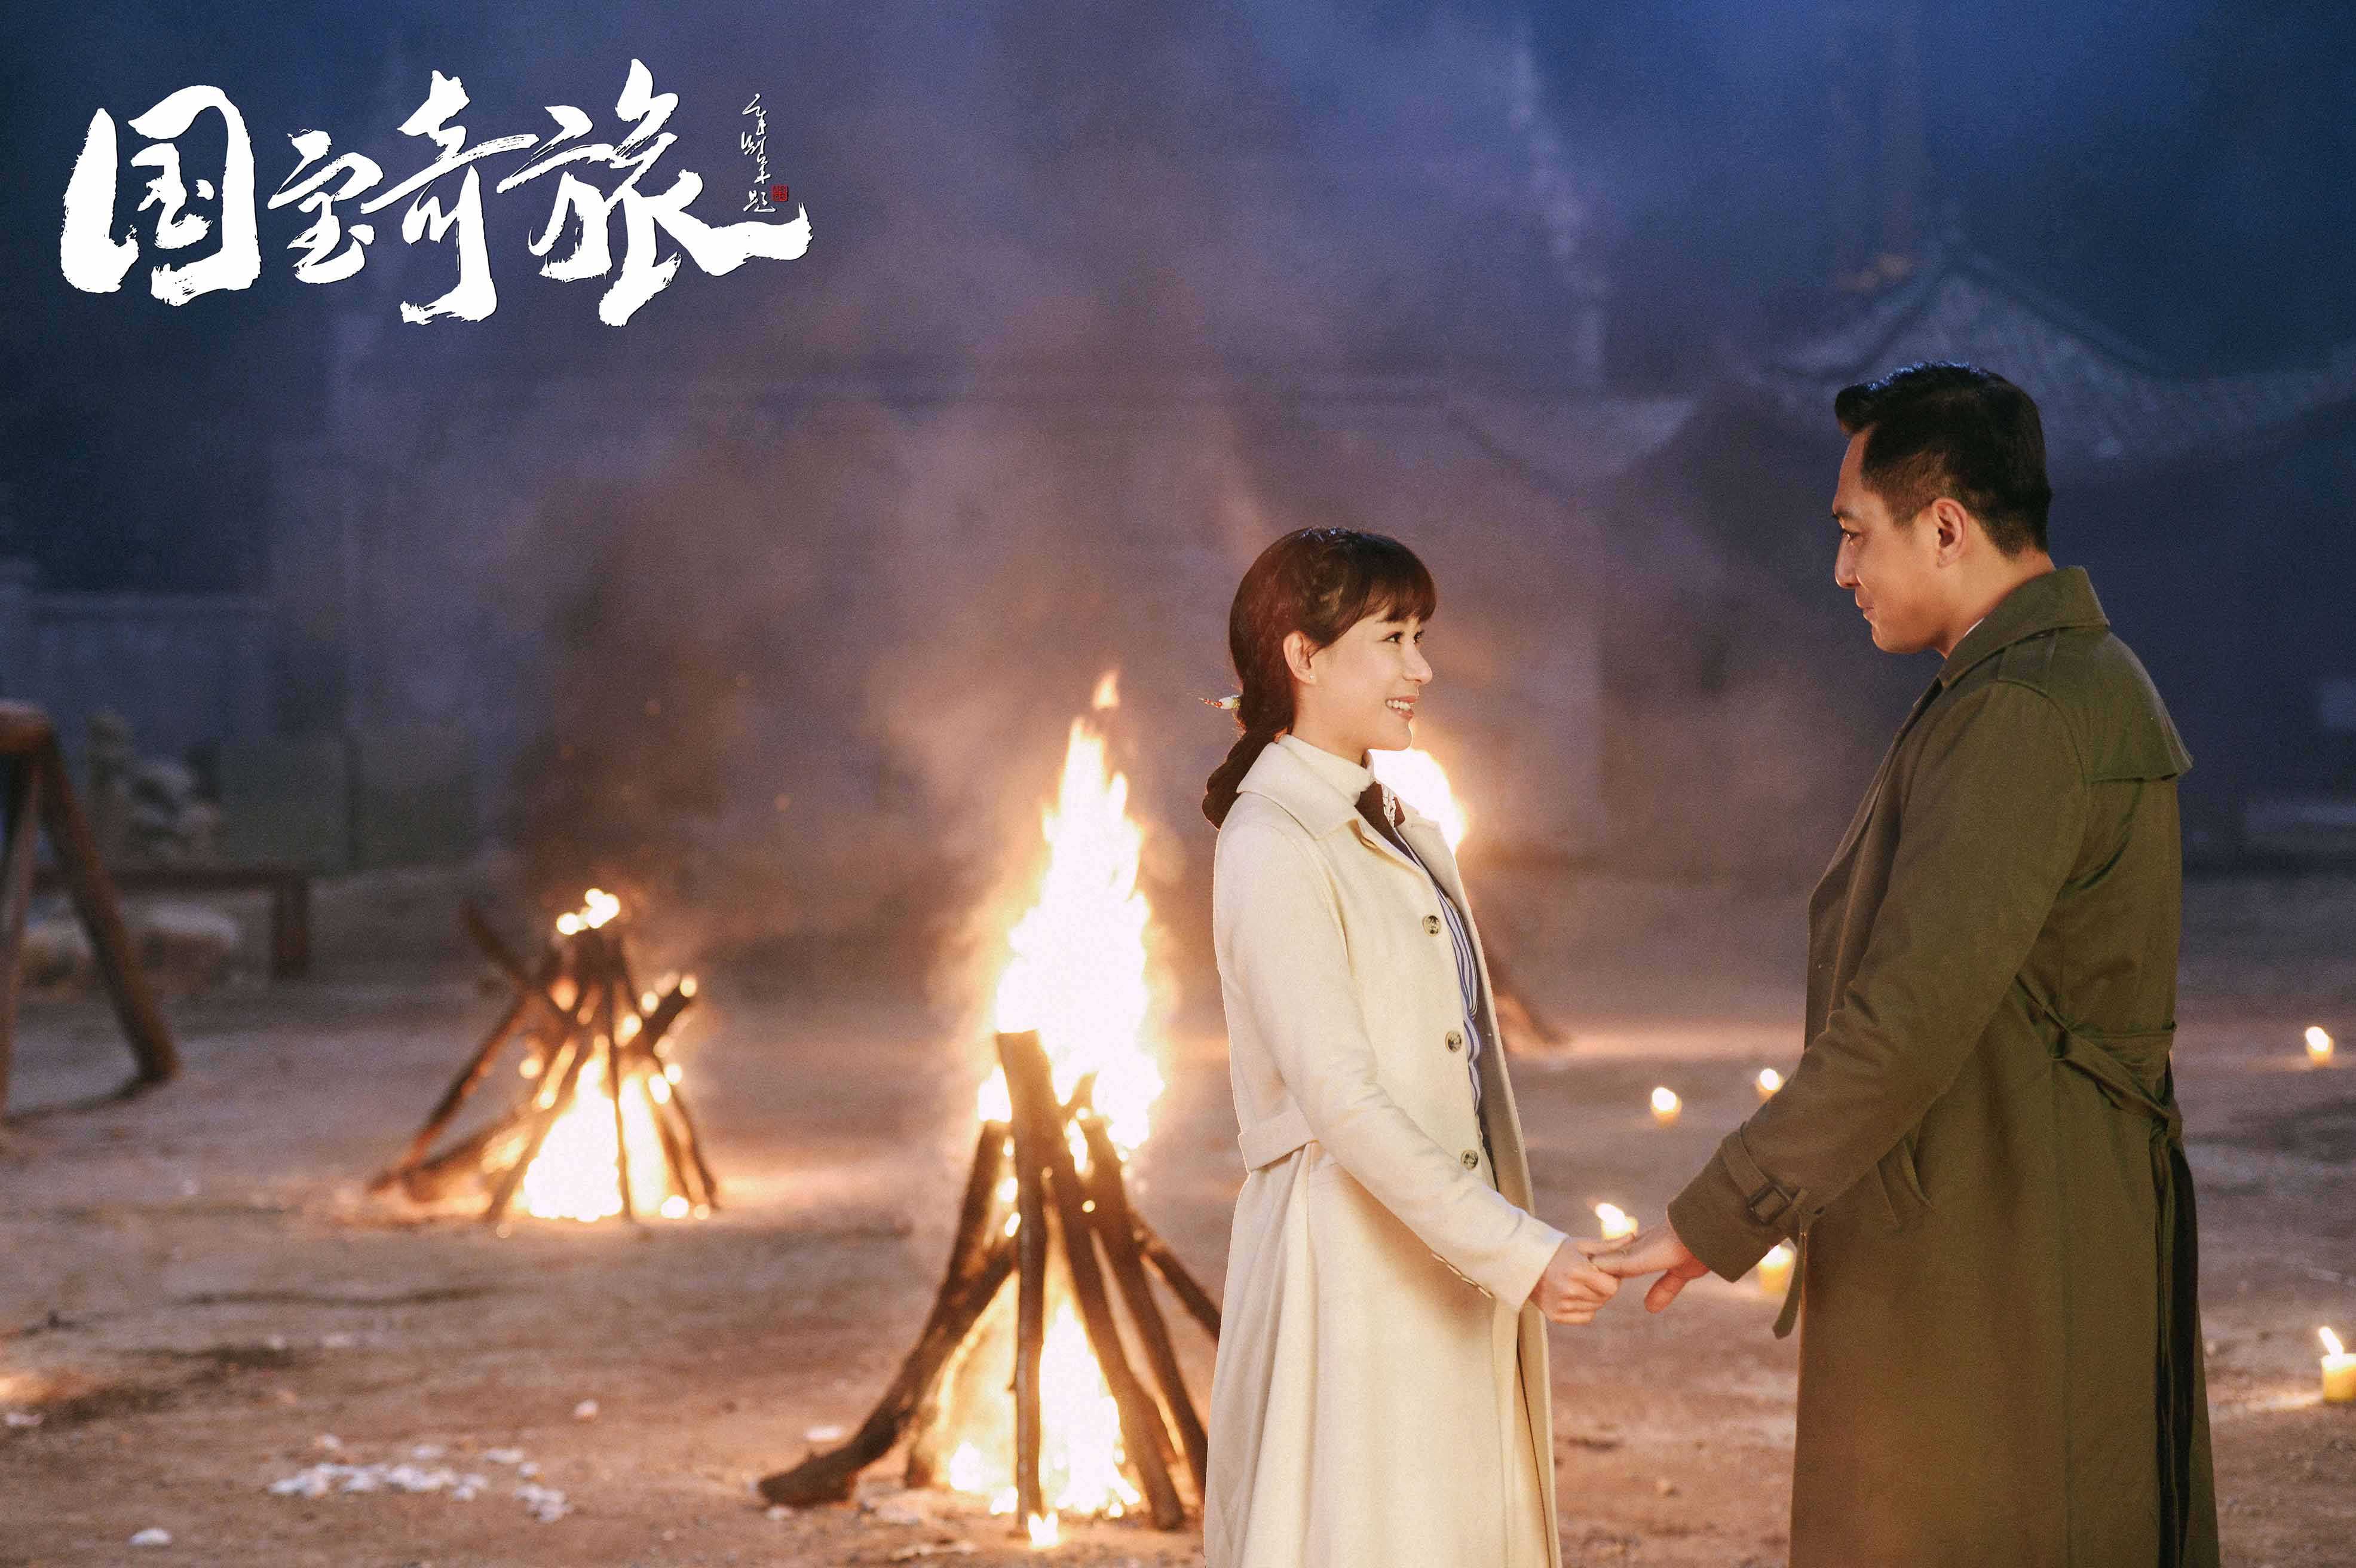 《国宝奇旅》持续高能 刘烨袁姗姗婚事被阻